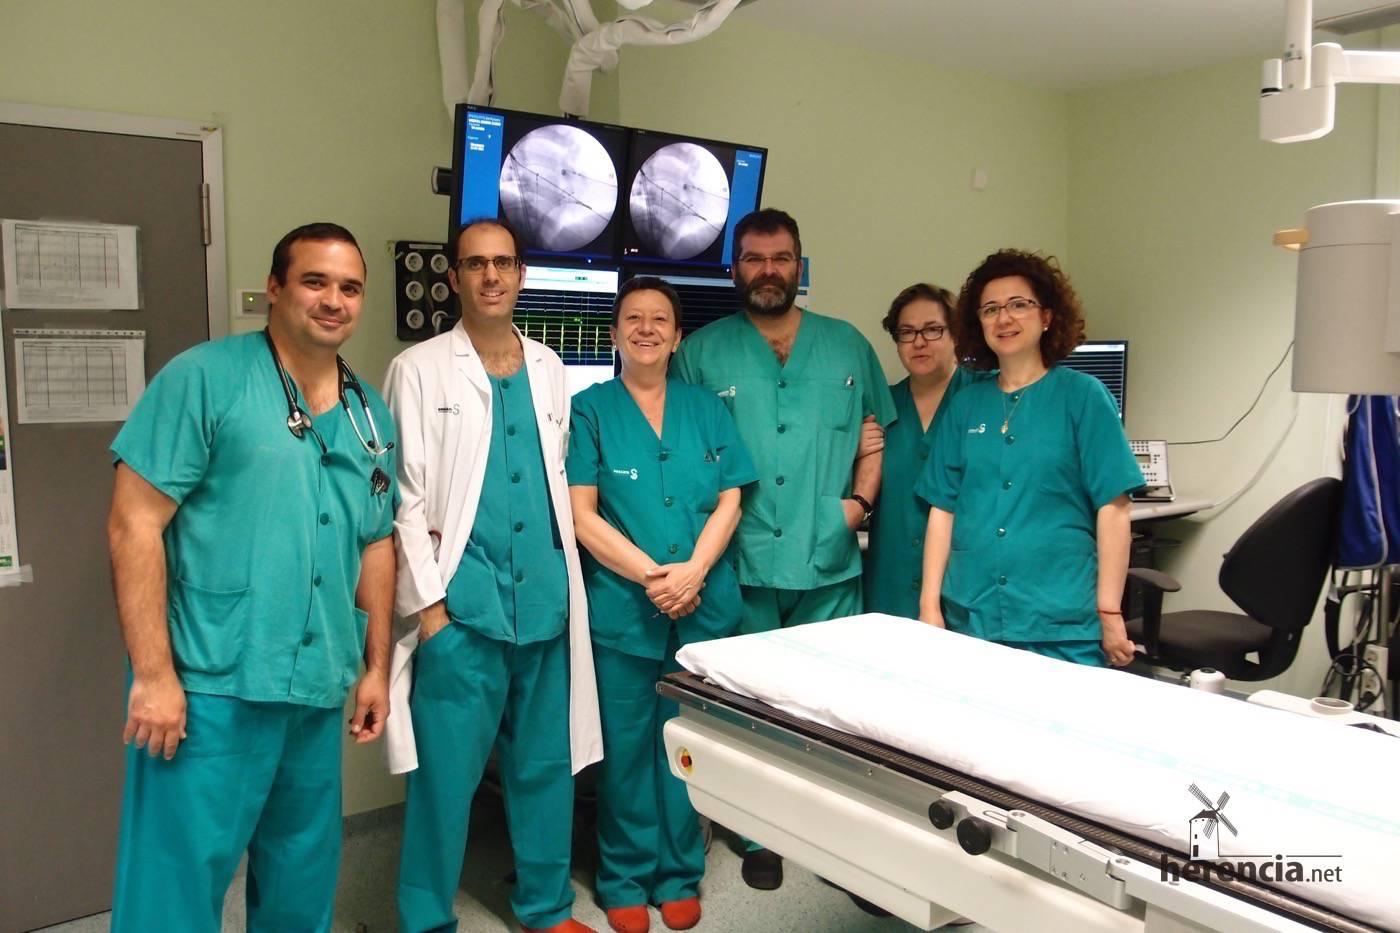 implantacion desfibrilador subcutaneo